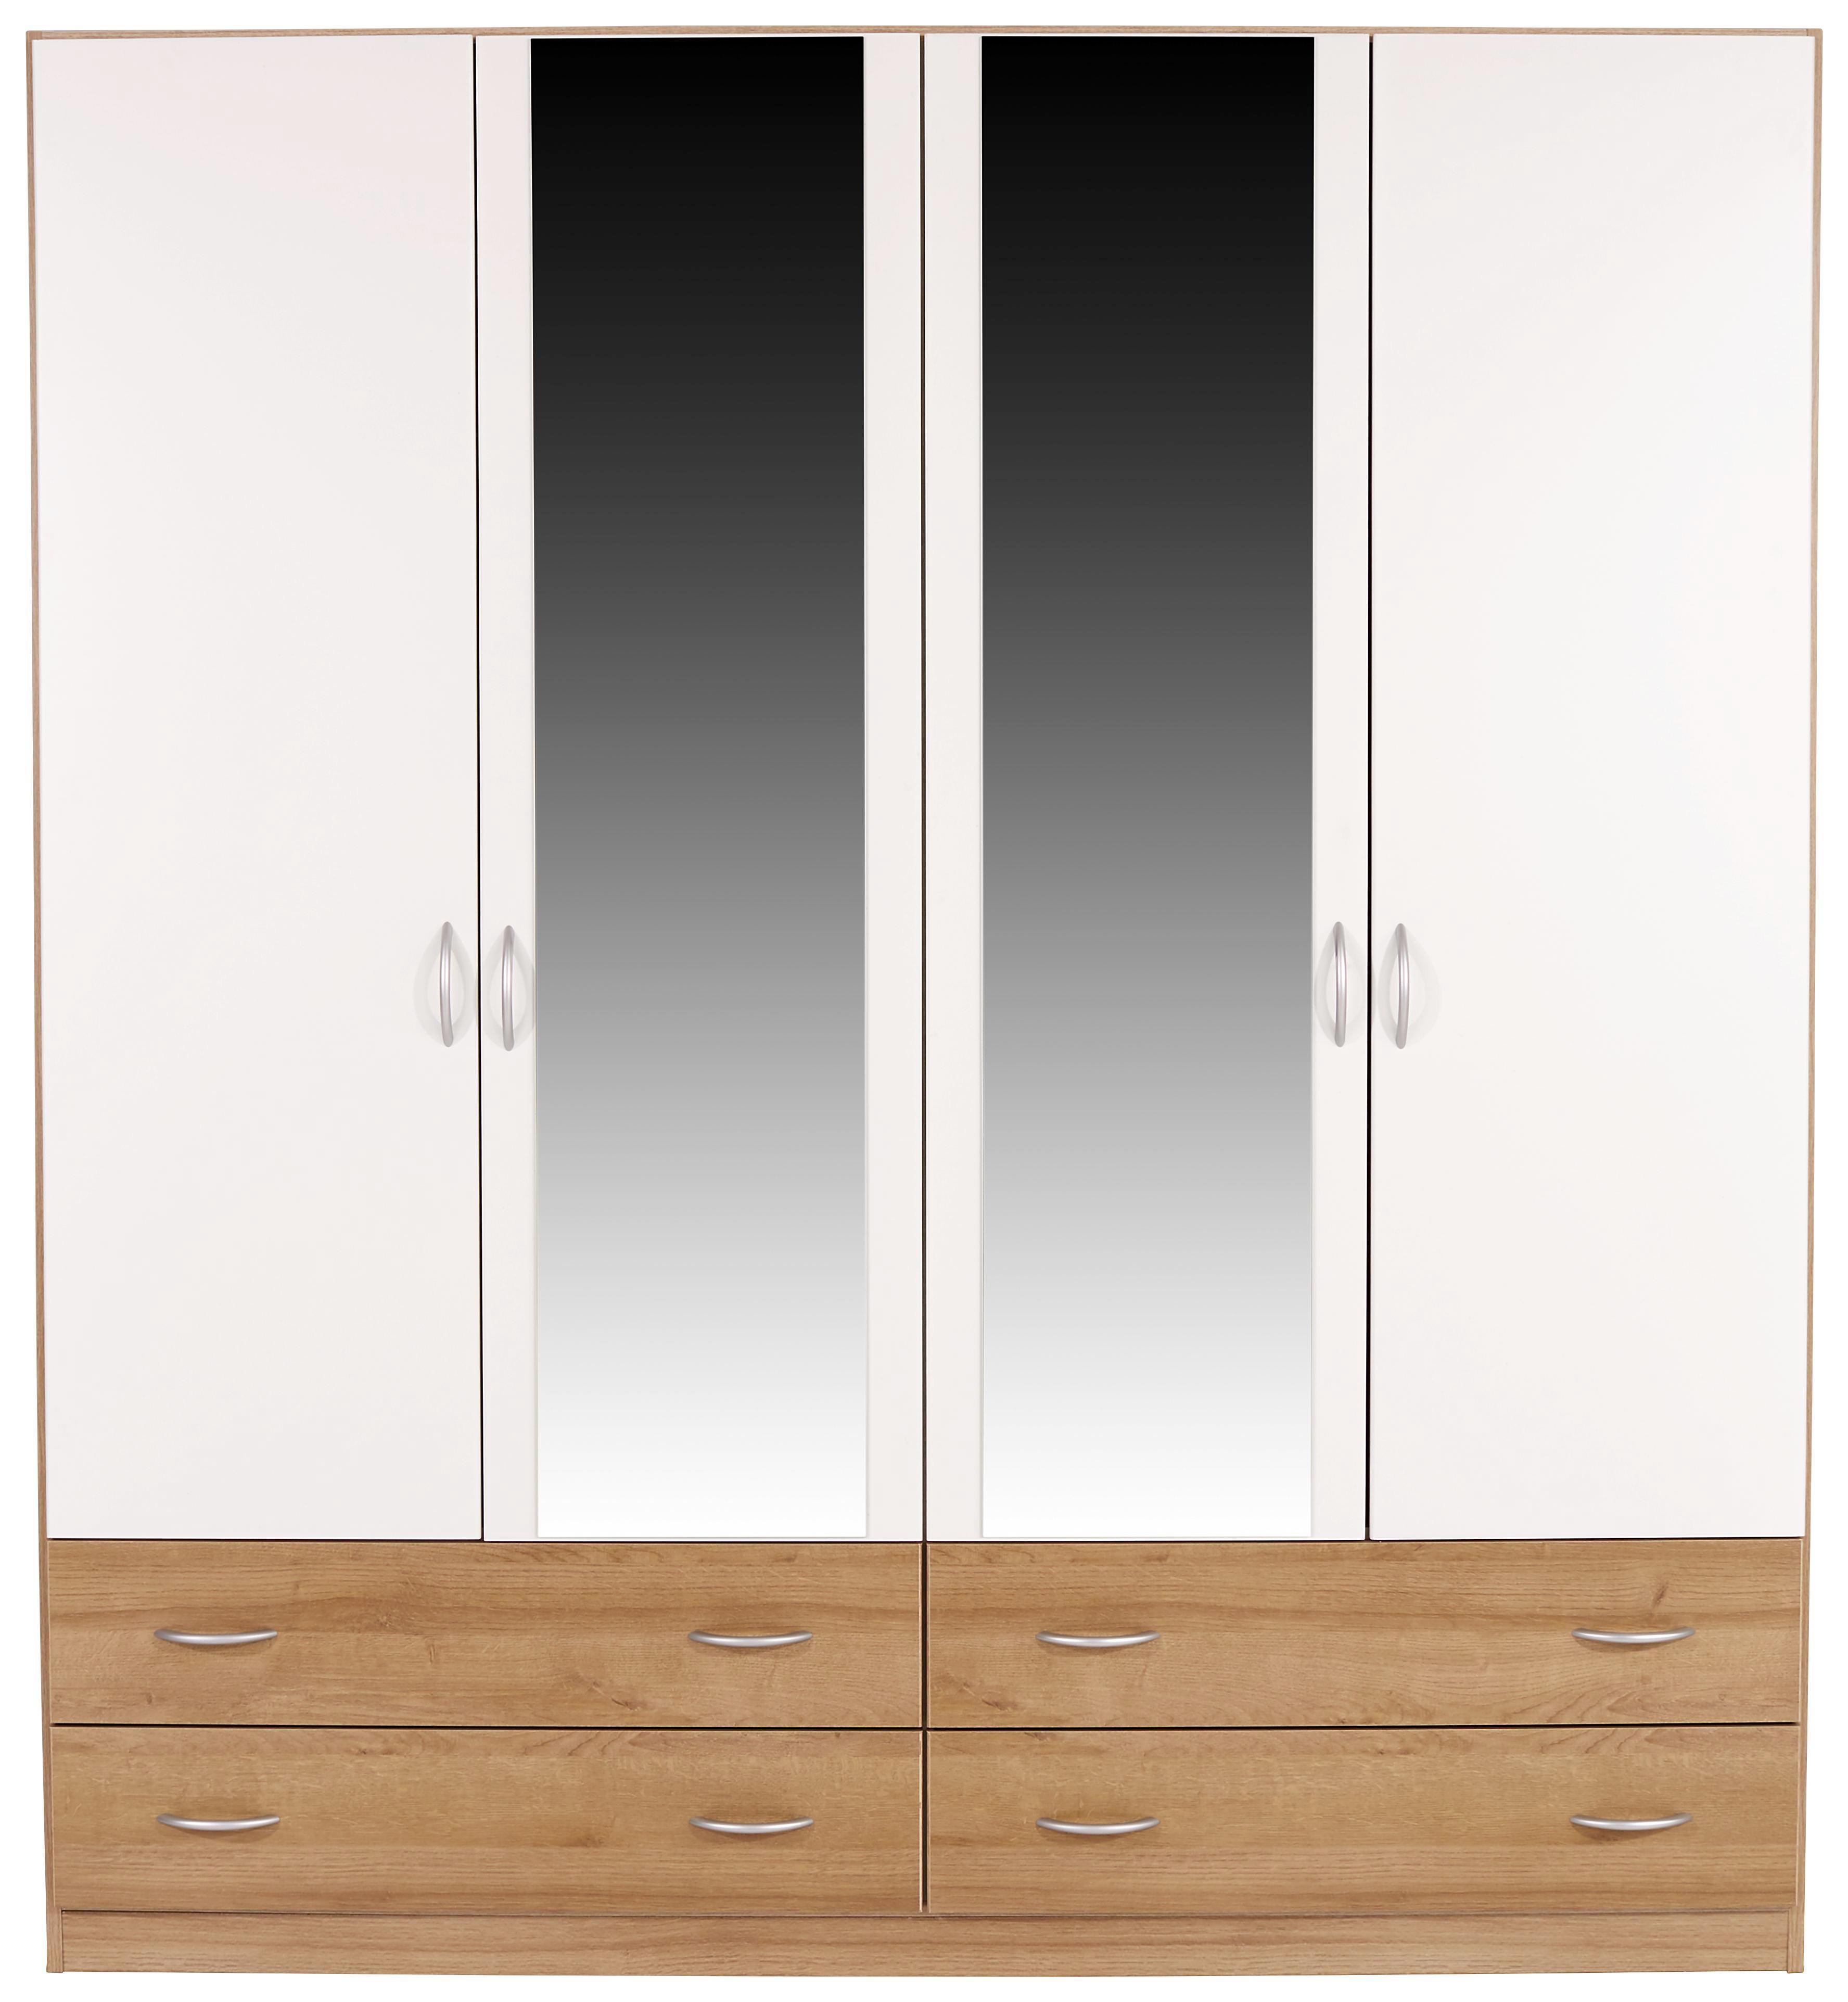 Ruhásszekrény Karo-extra - tölgy színű/fehér, konvencionális, faanyagok (181/197/54cm)